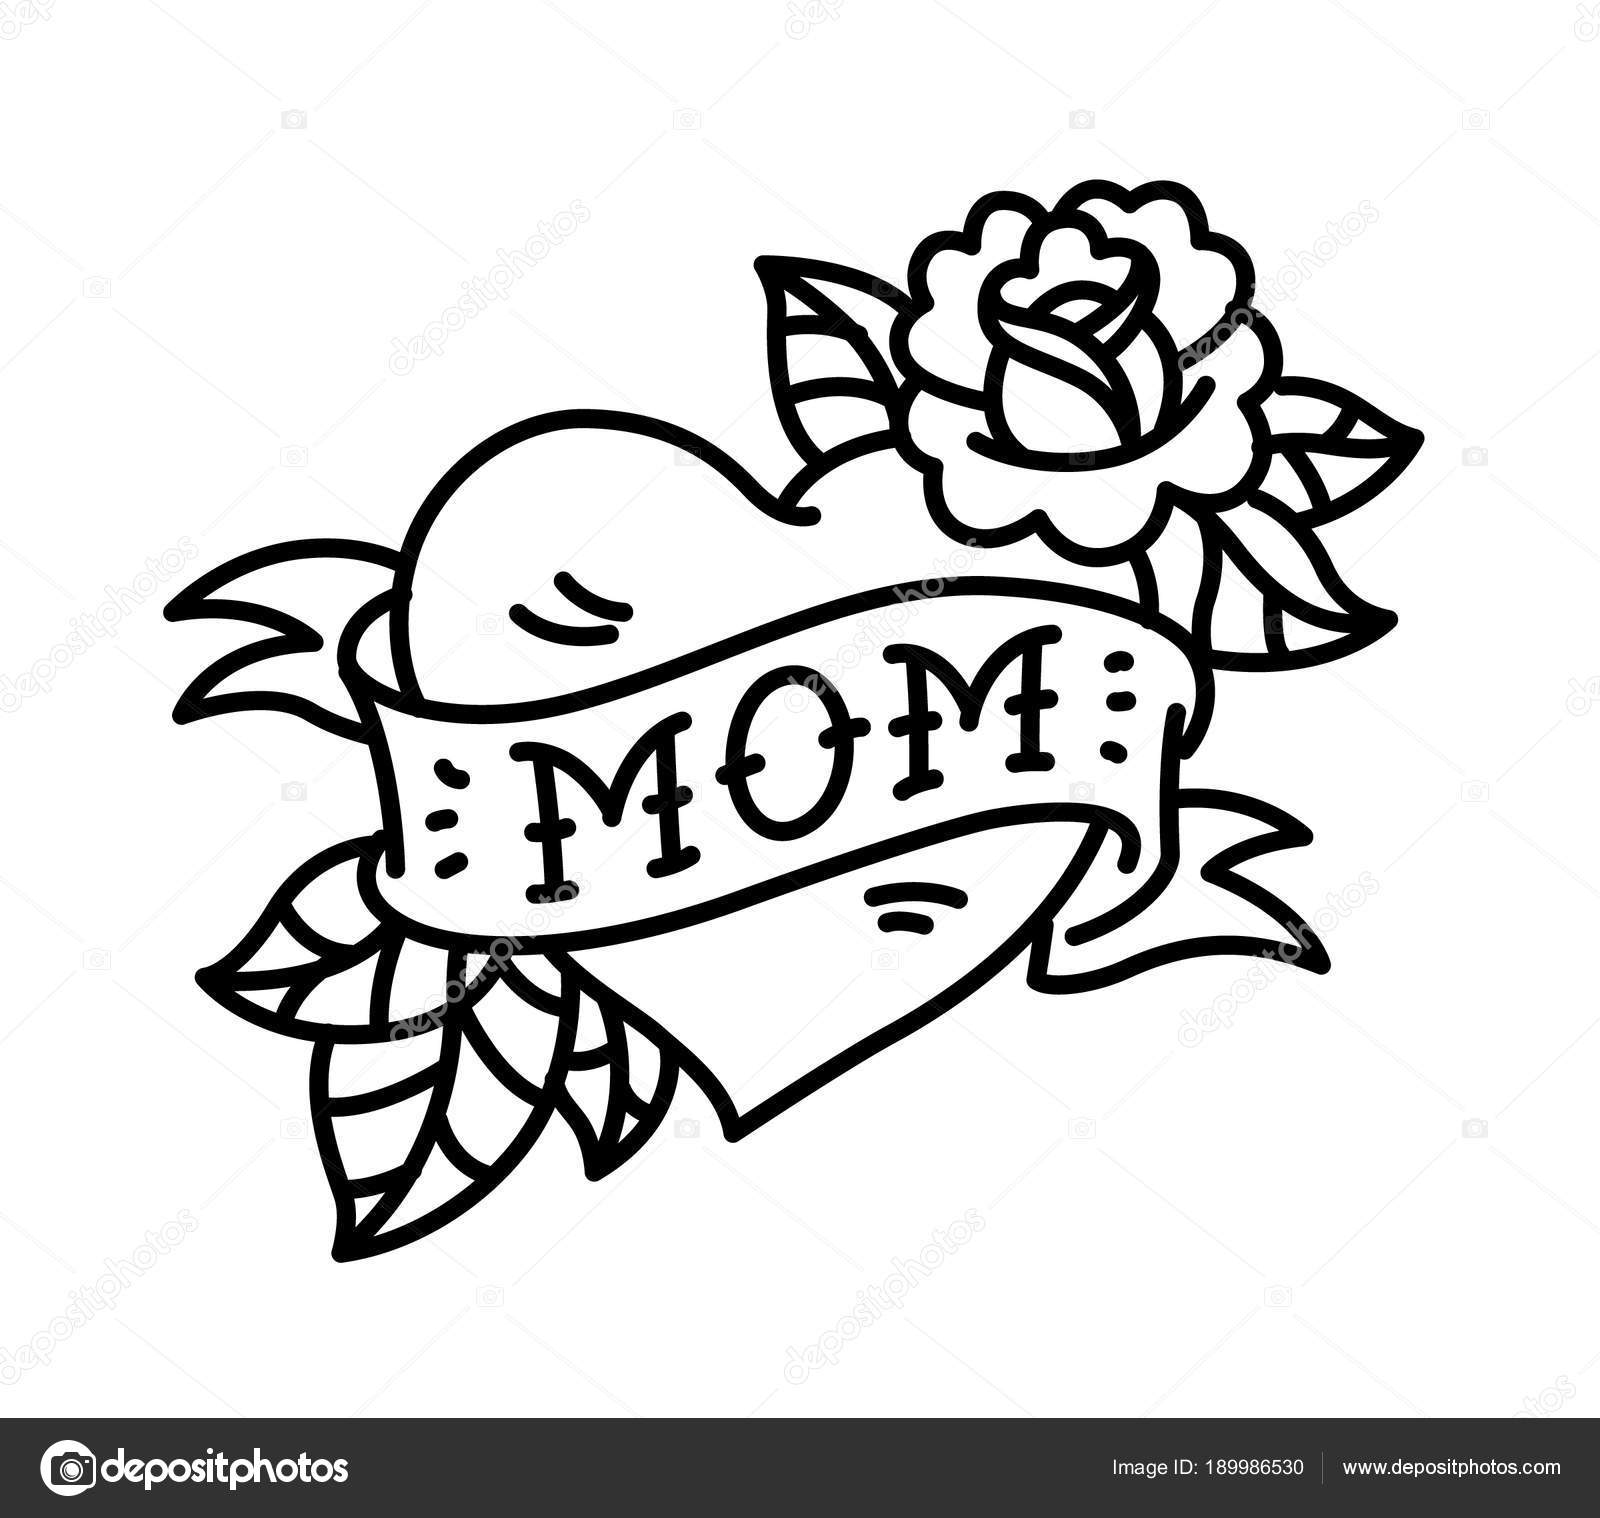 Tatuaggio Con Scritta Della Mamma Tatuaggio Cuore Fiore